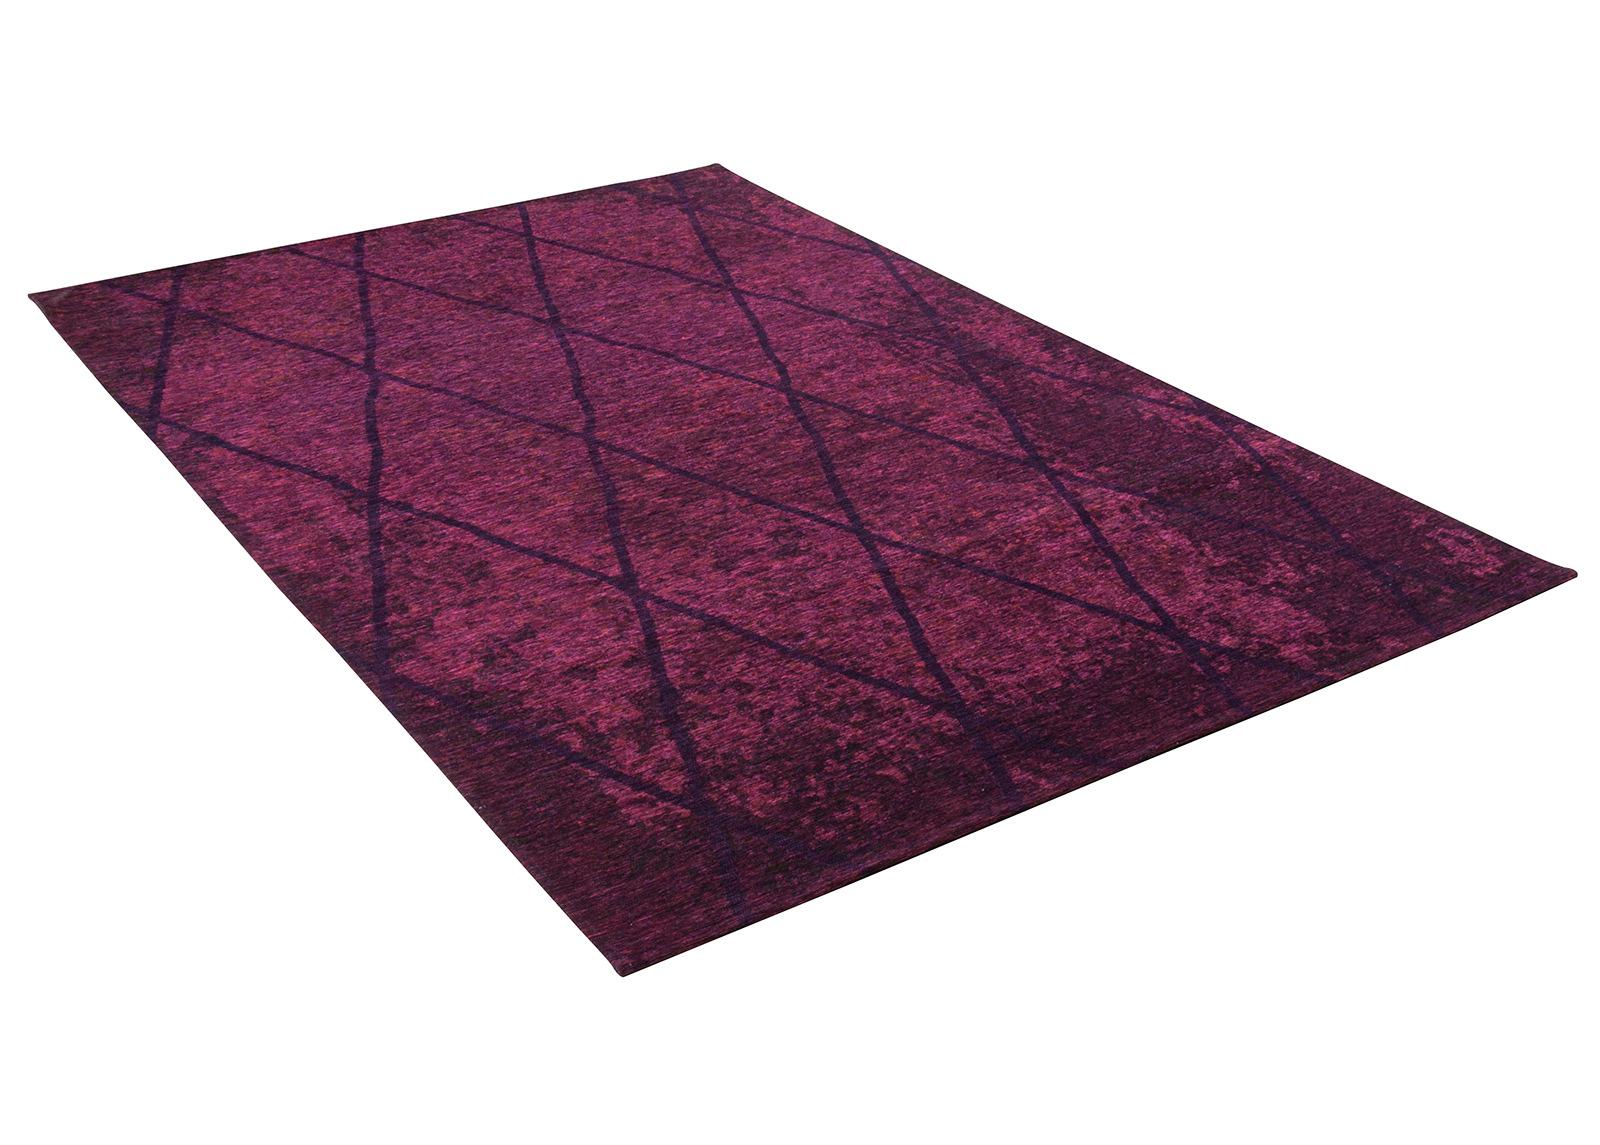 Matto Fine lines 68x130cm